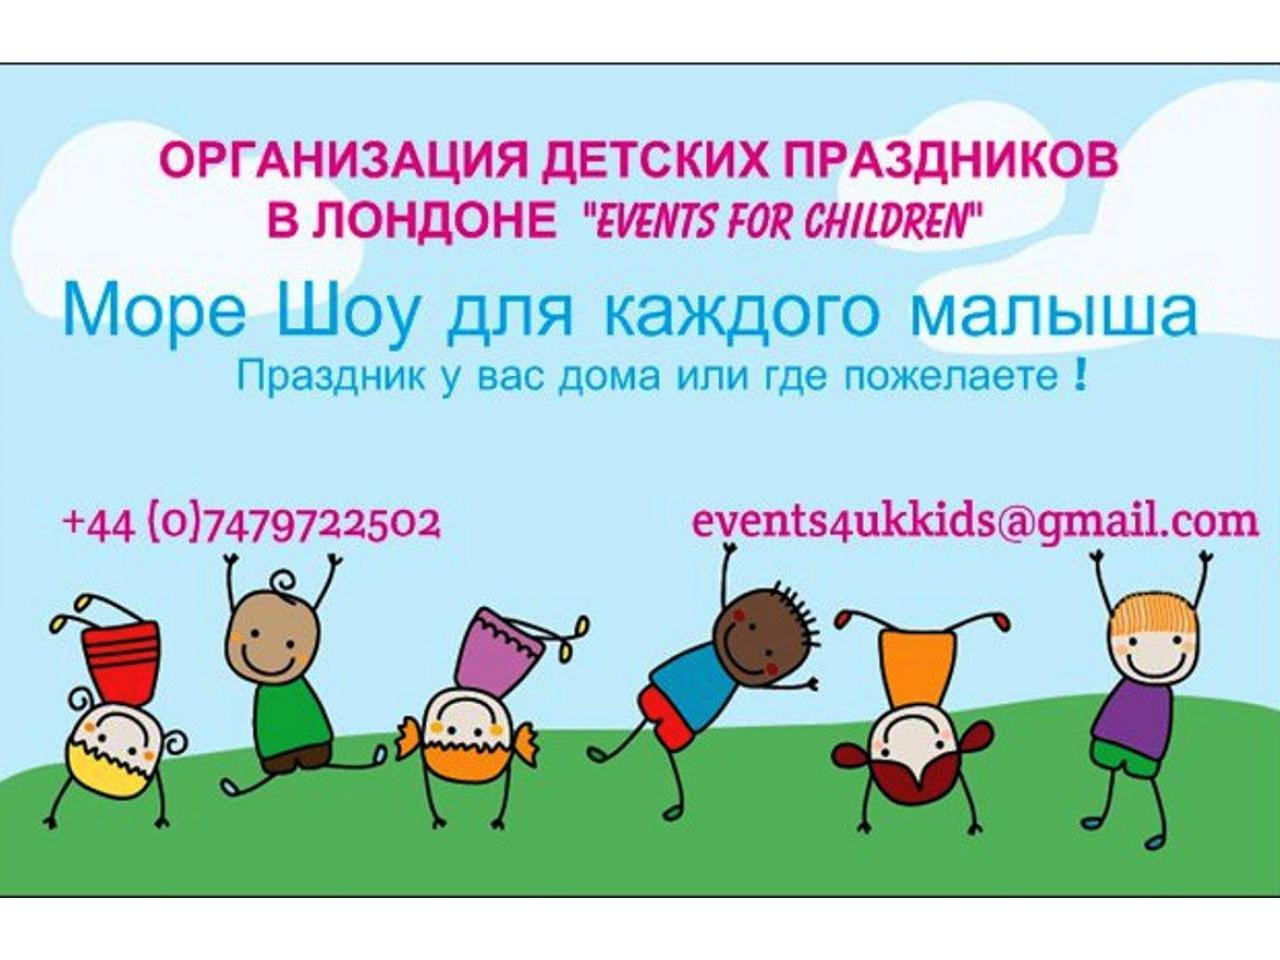 Лучшие праздники для ваших деток  на русском и английском в Лондоне - 1